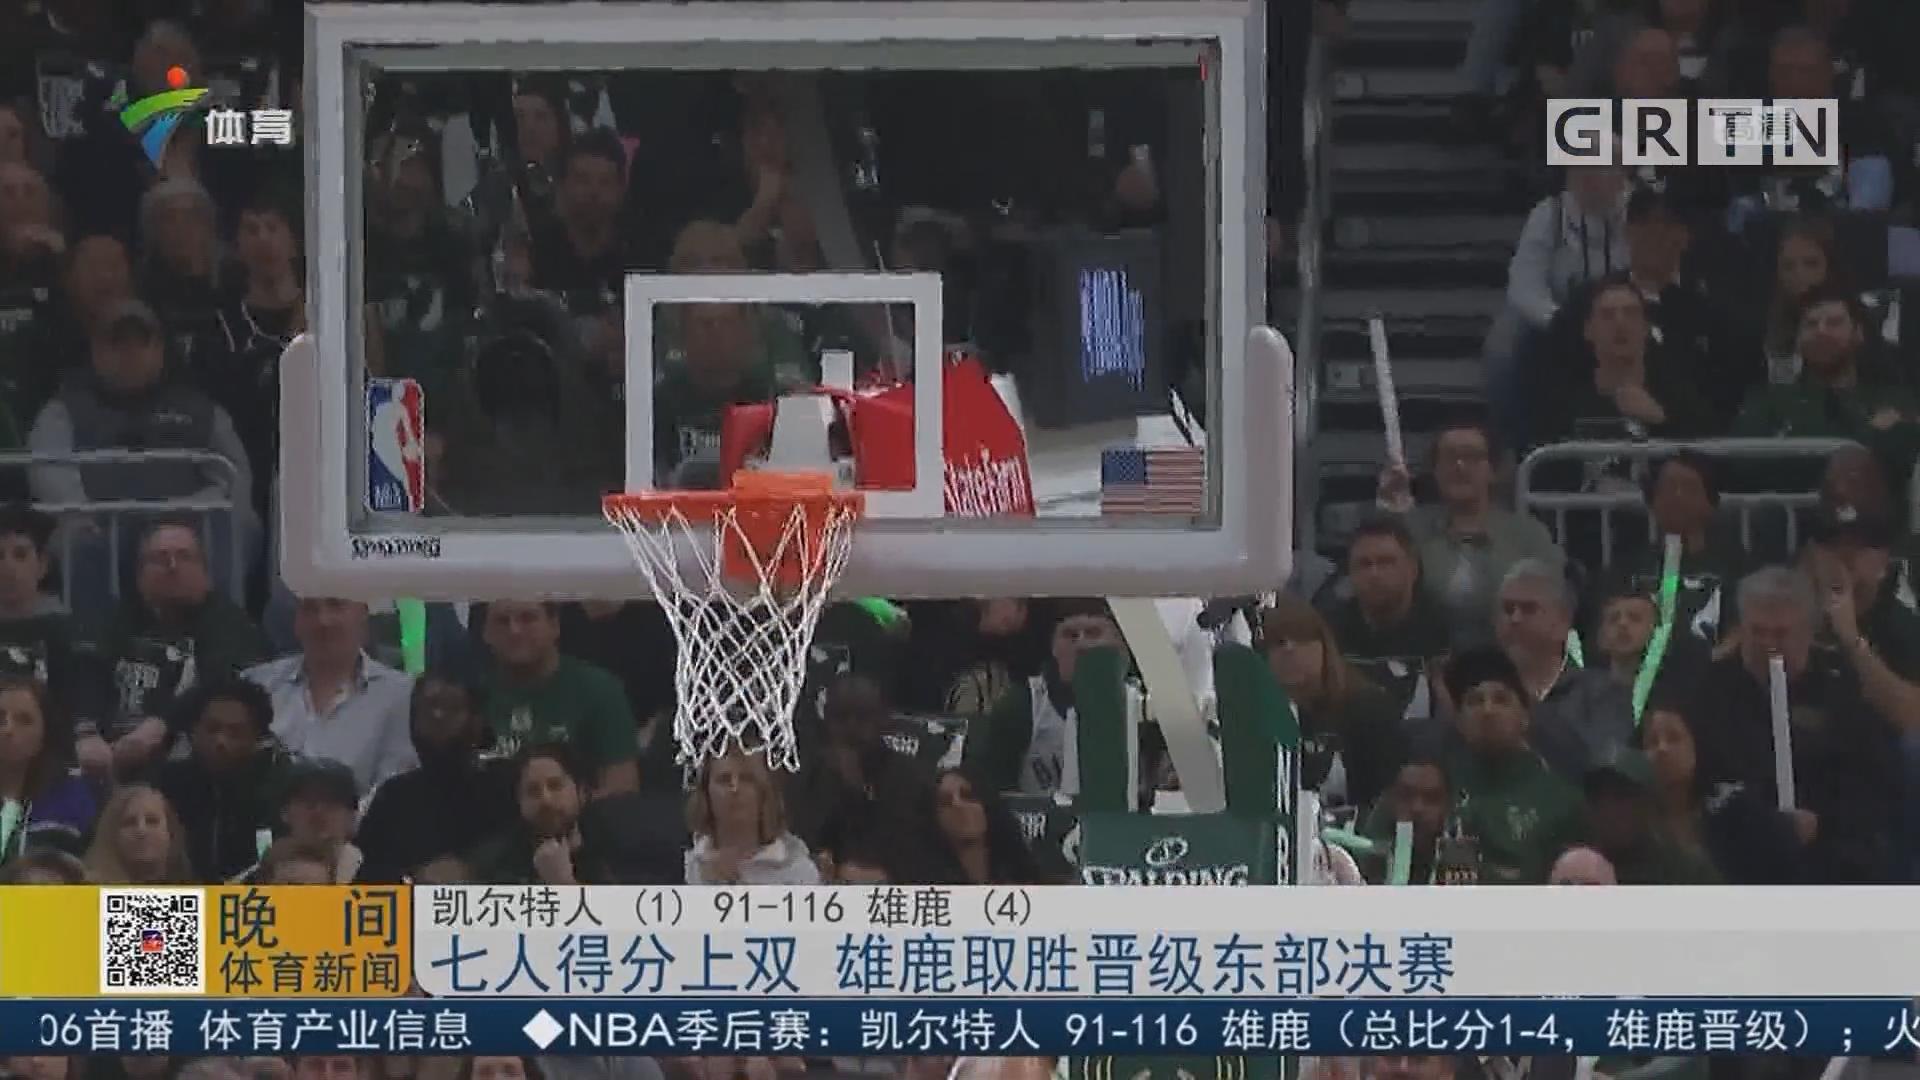 七人得分上双 雄鹿取胜晋级东部决赛